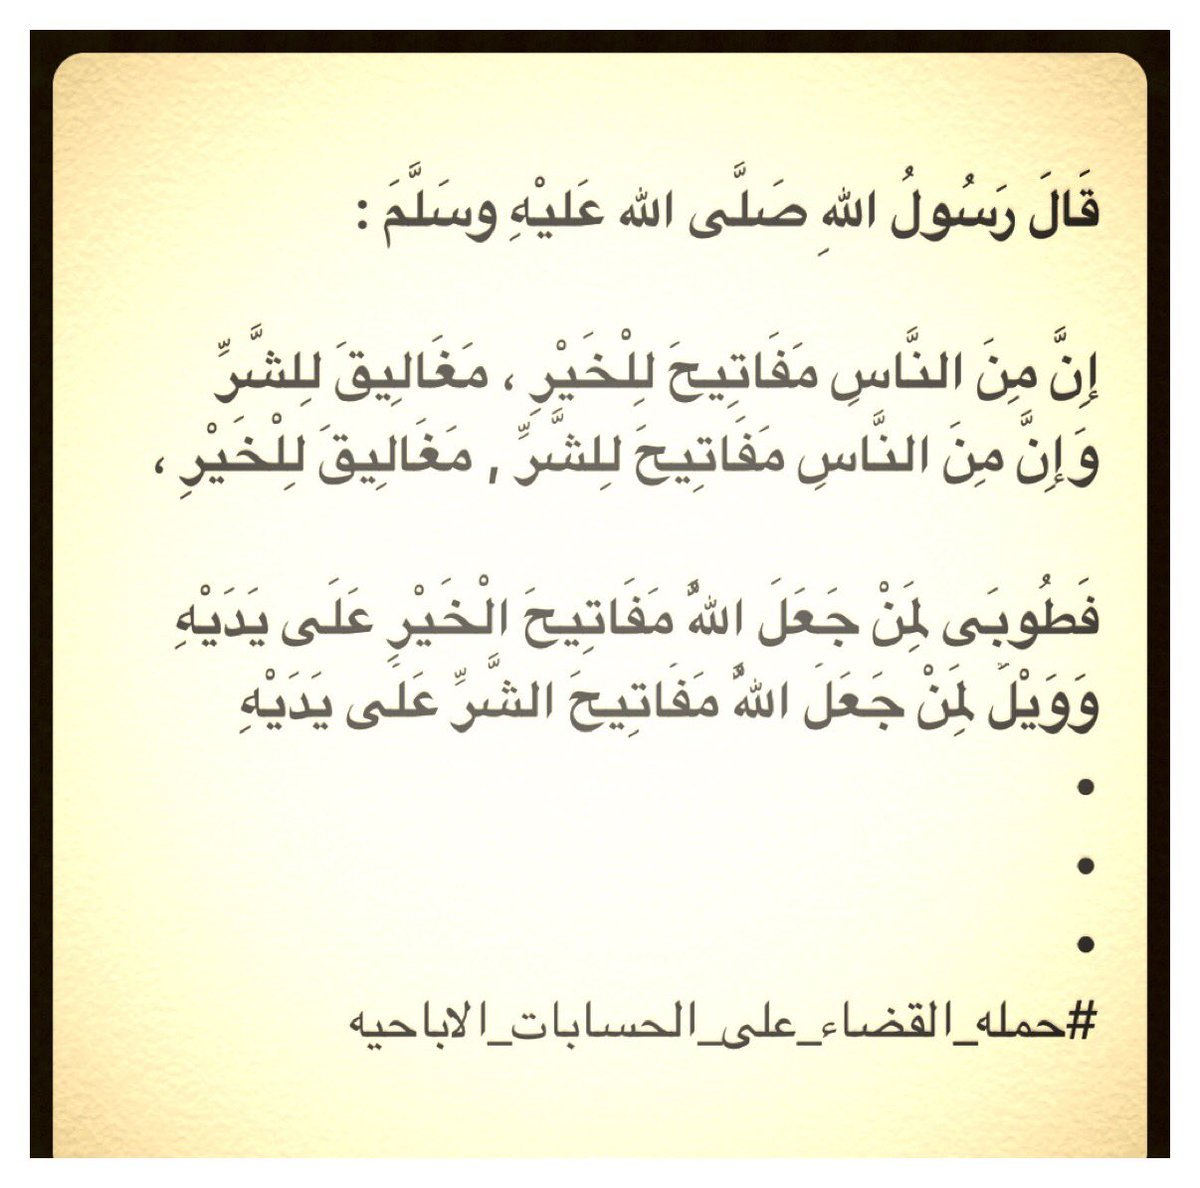 اللهم لا تؤاخذنا بما فعل السفهاء منا إسلام ويب